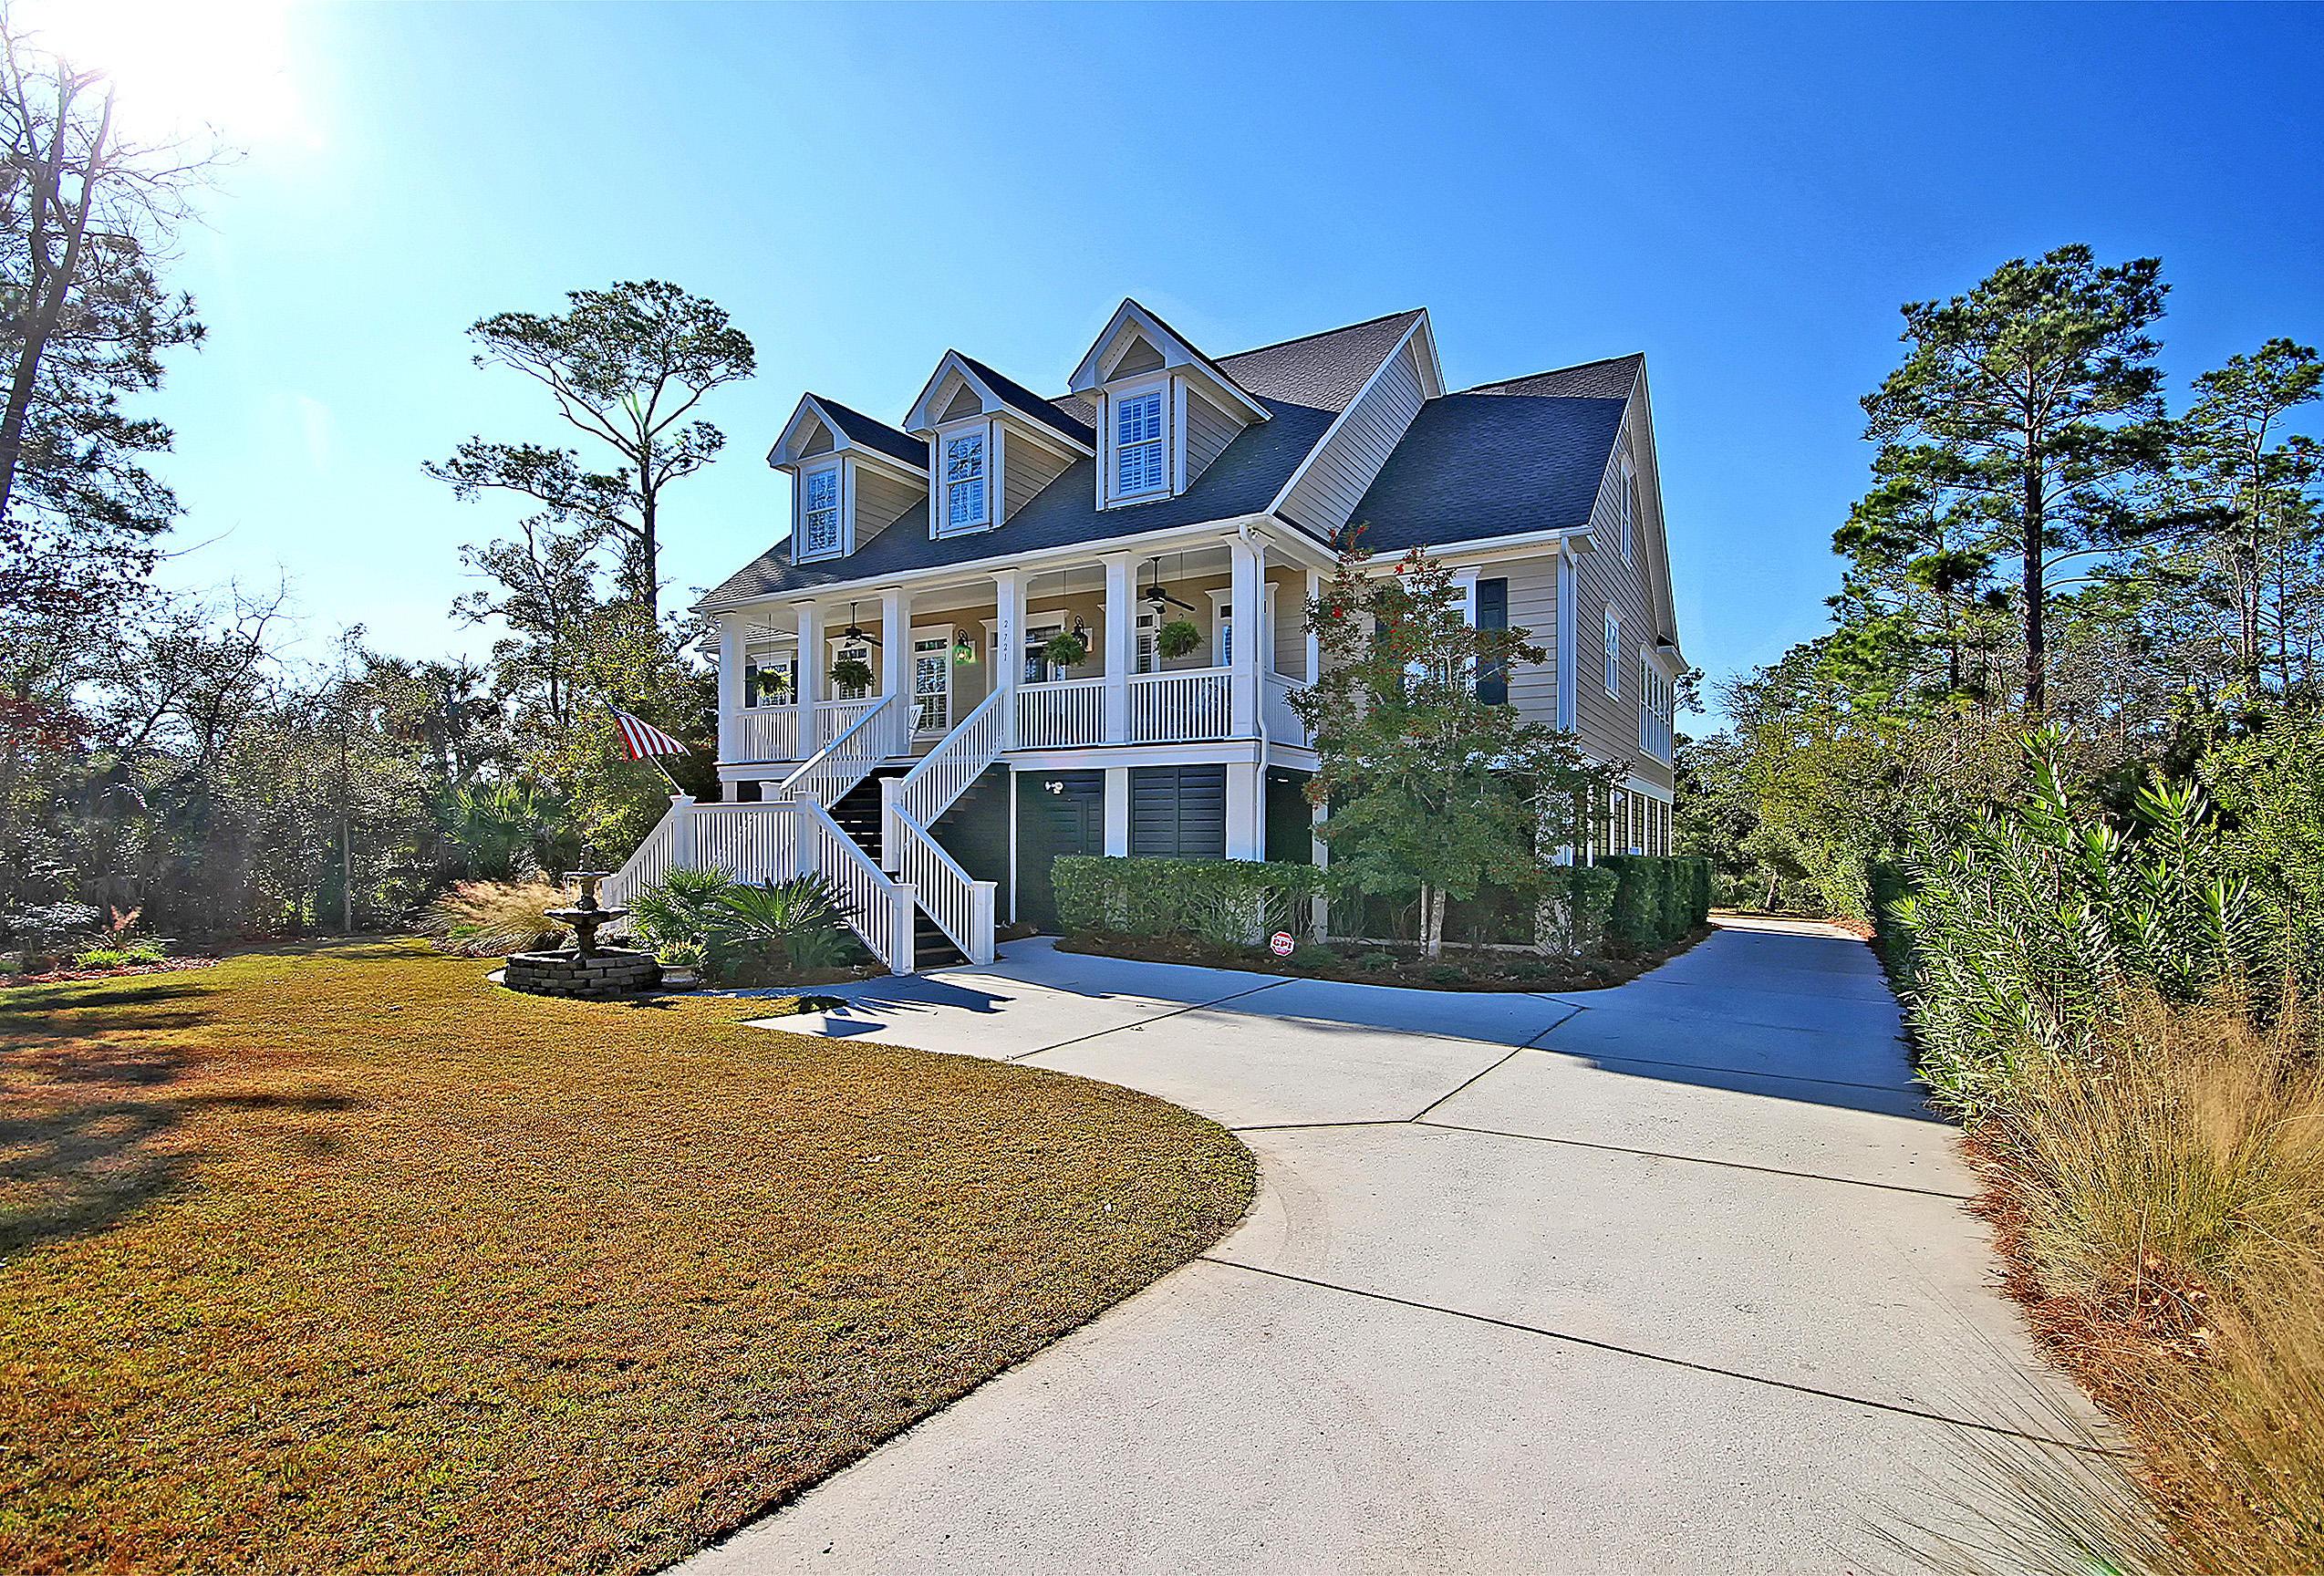 Dunes West Homes For Sale - 2721 Fountainhead, Mount Pleasant, SC - 33